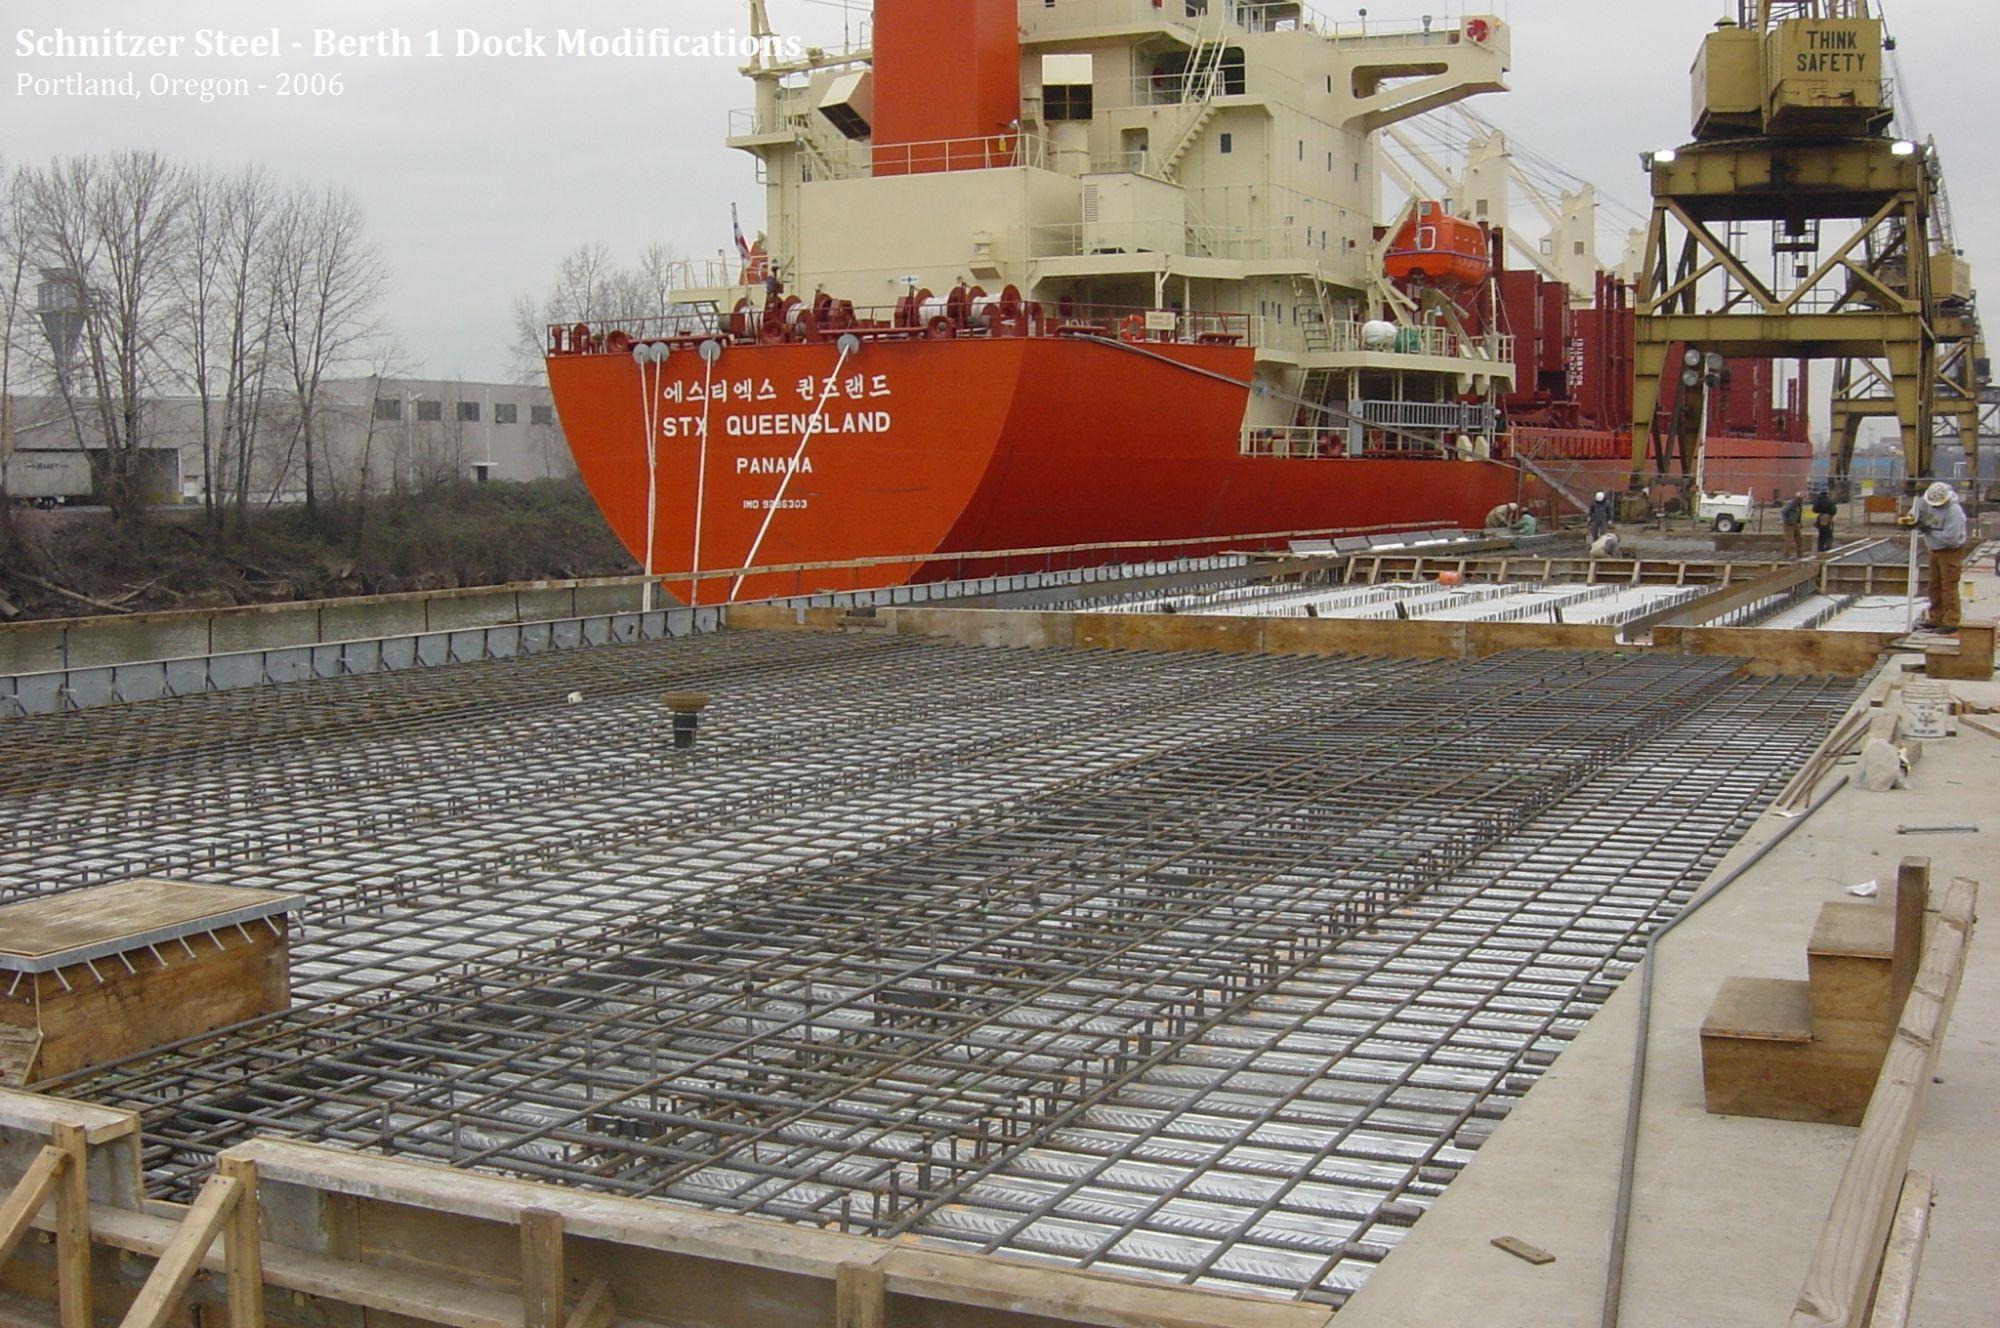 Schnitzer Steel Berth Dock - Schnitzer scrap